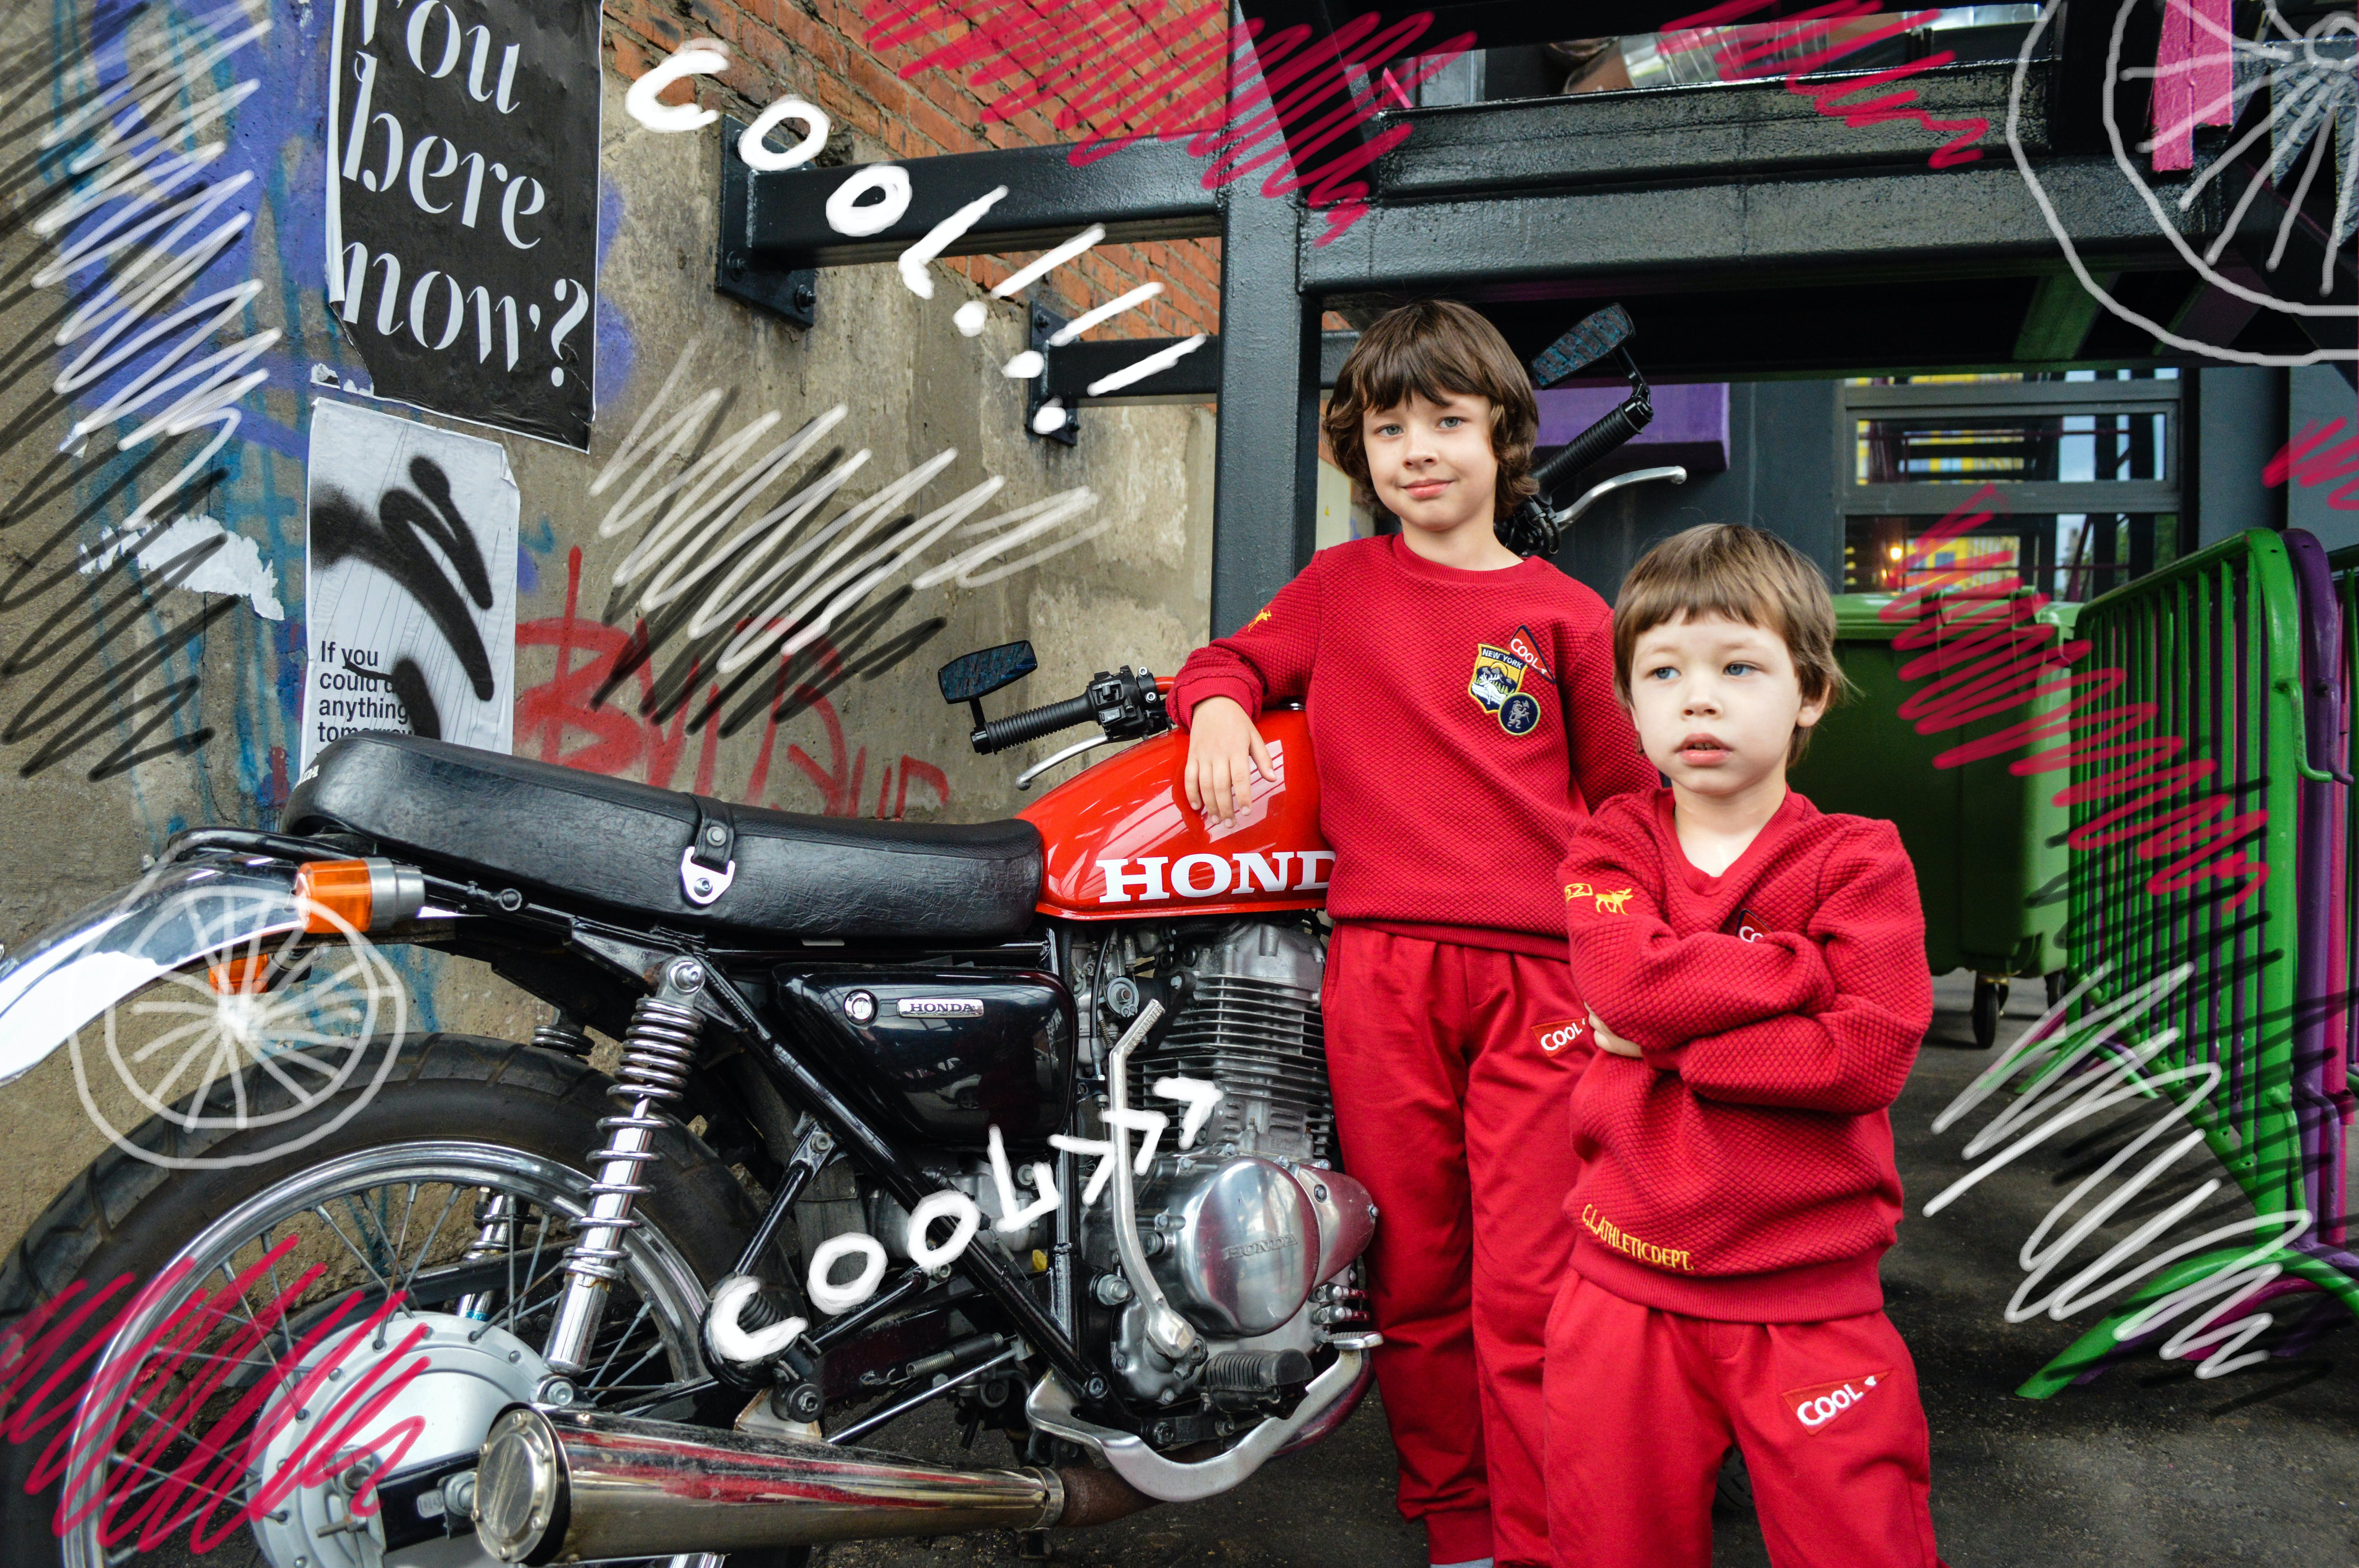 Free stock photo of детская мода, дизайнерская одежда, мальчик, мода